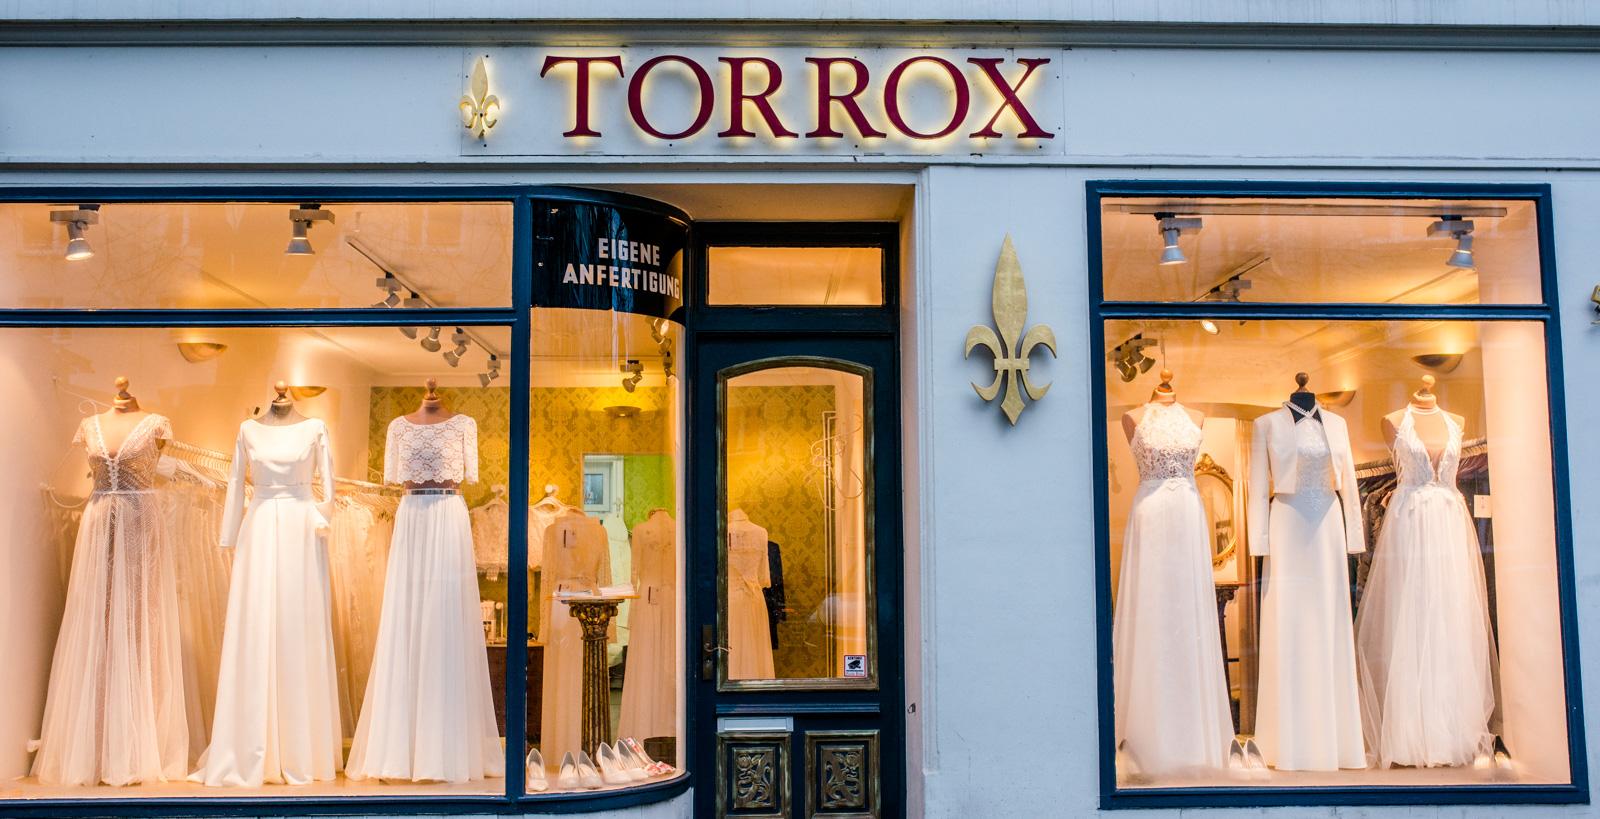 torrox-shop-30.jpg